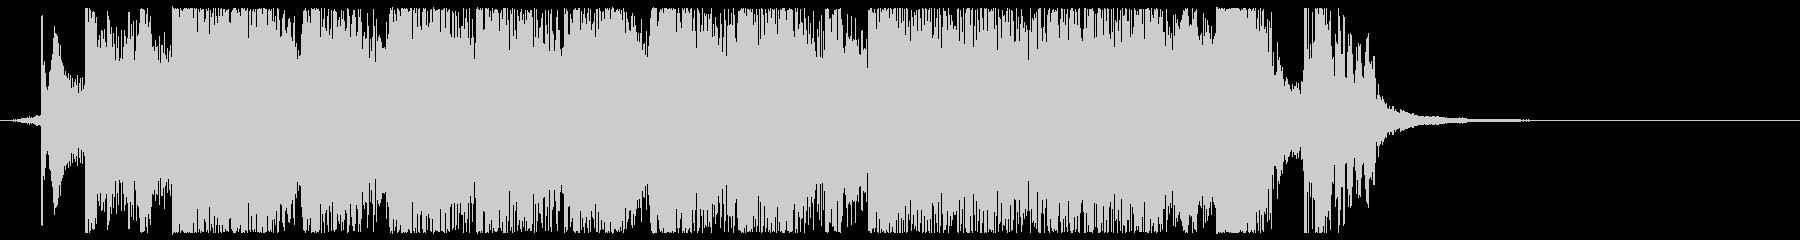 キュートなアニメ系ジングル・アイキャッチの未再生の波形